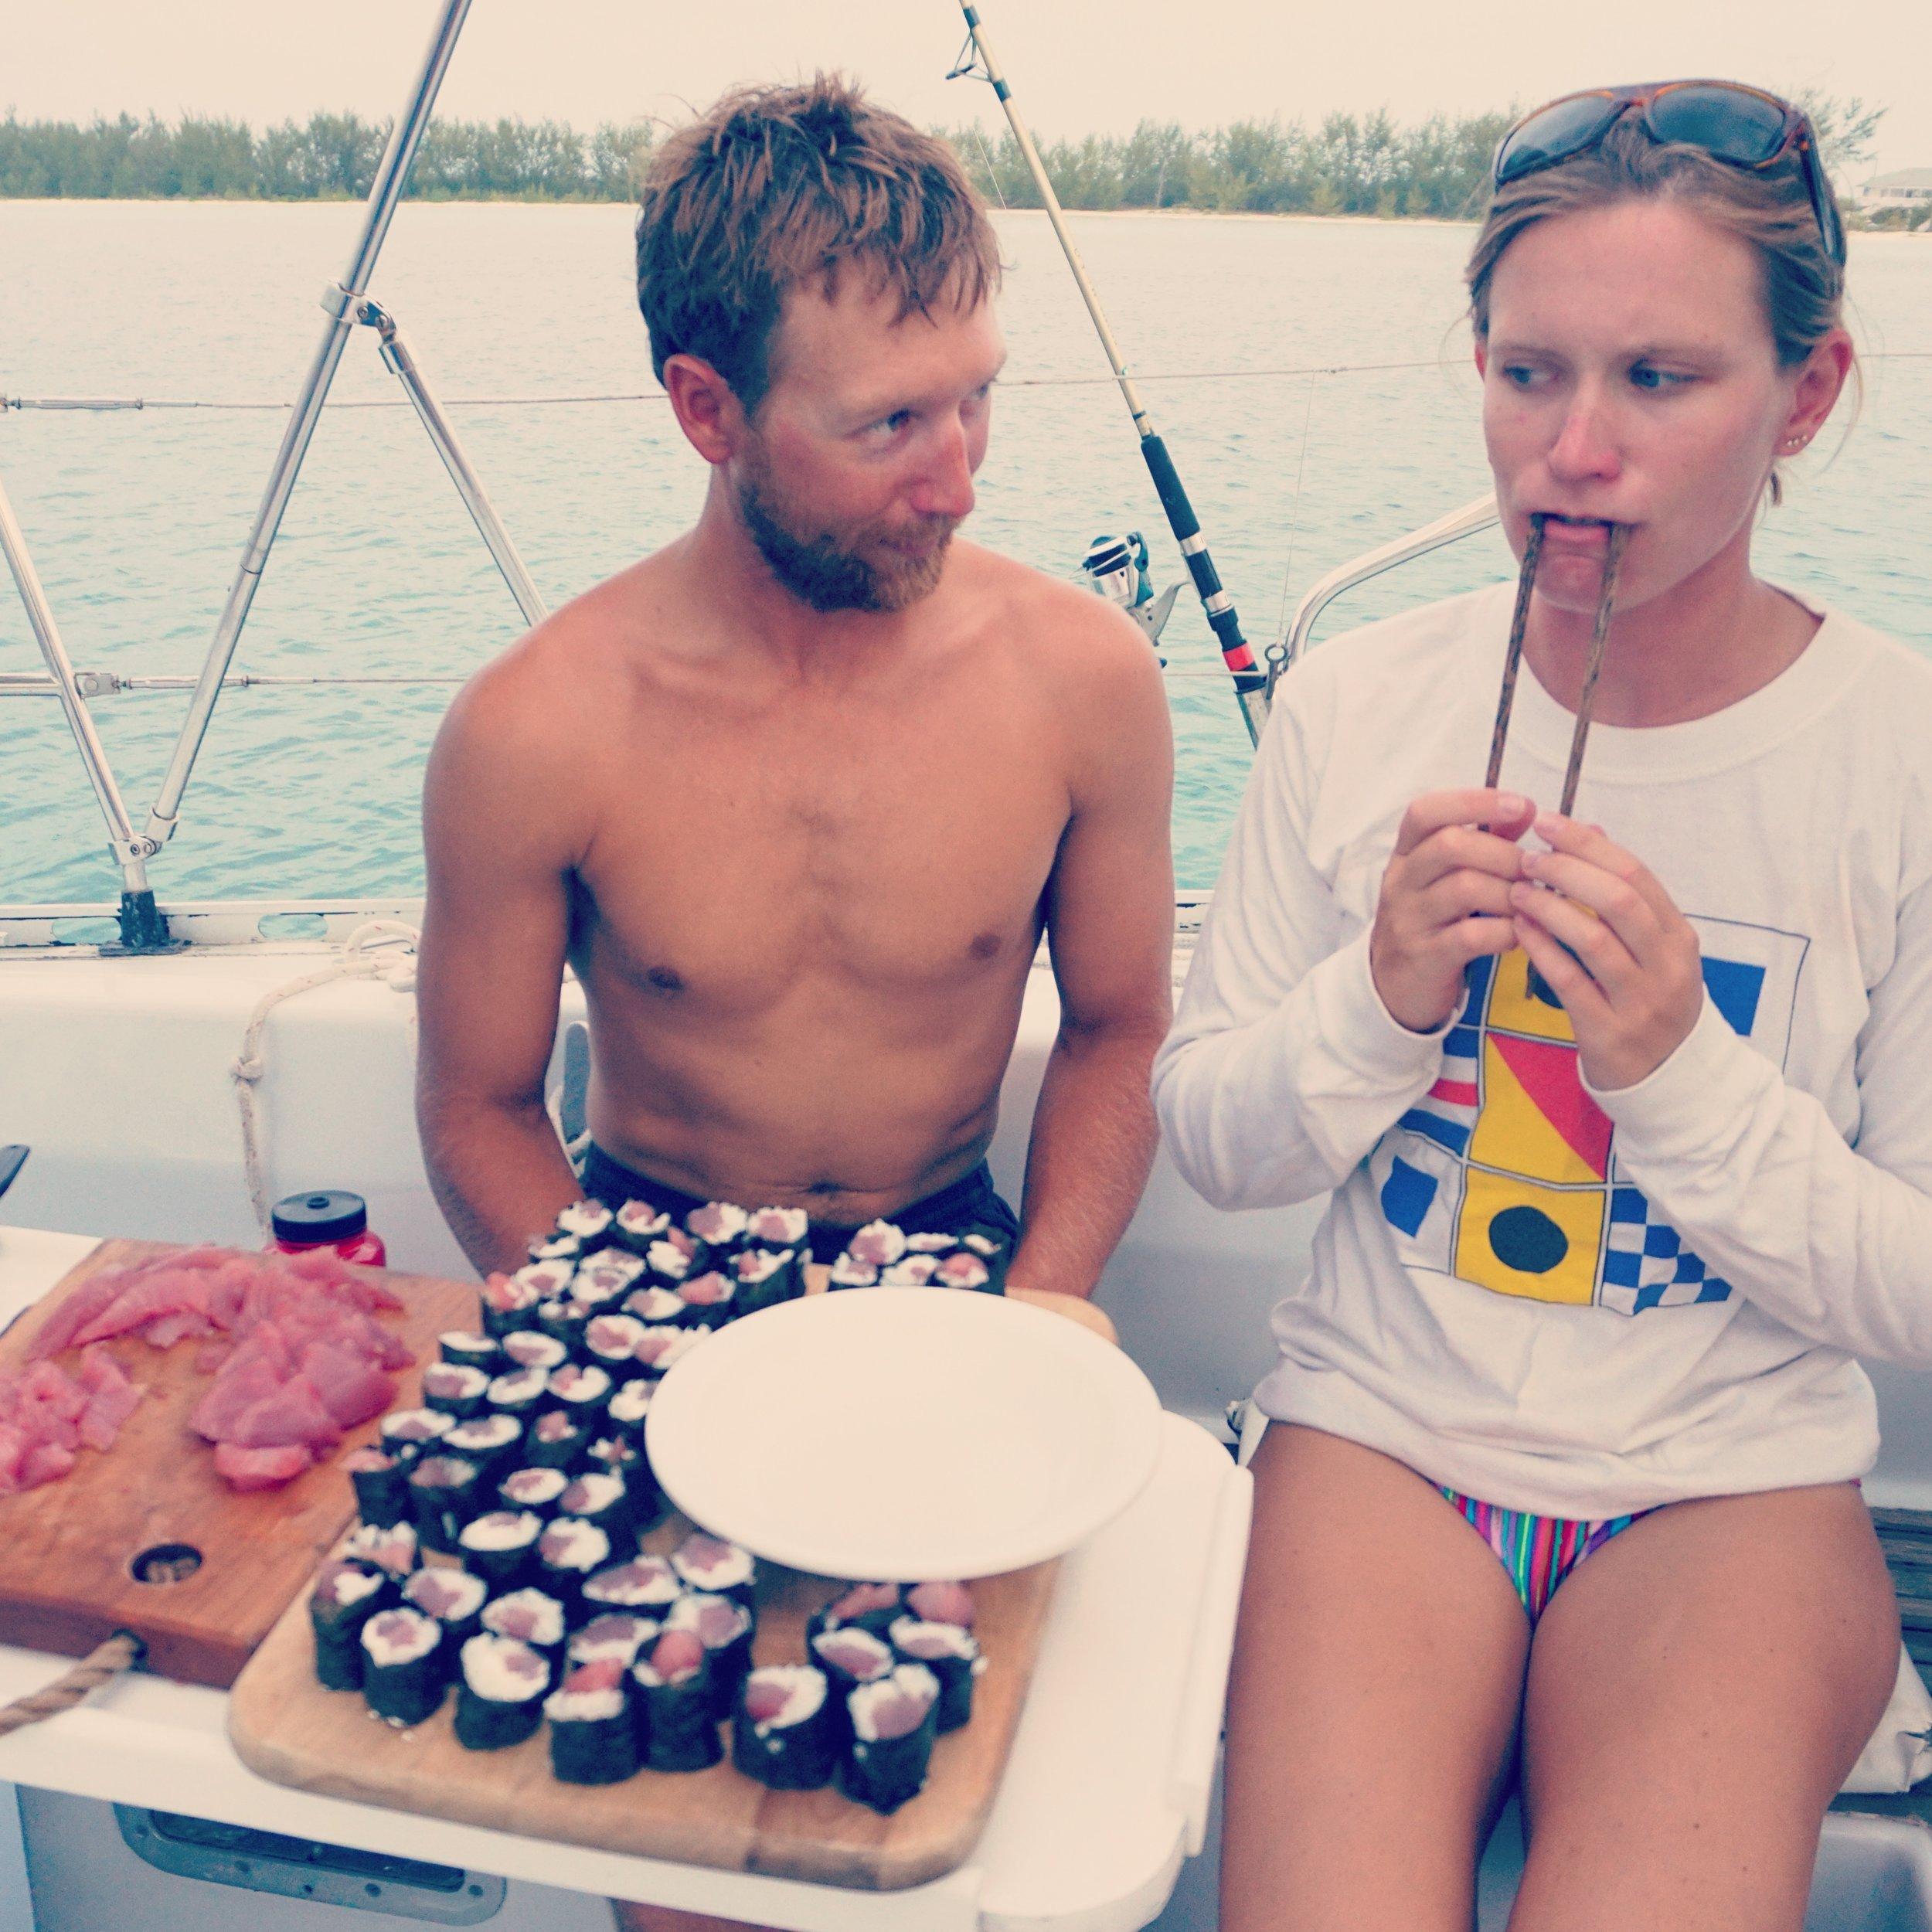 CHEF MOLLY AND CAPTAIN JOE EATING FRESH SUSHI SEAFOOD ABOARD MOJO SAILBOAT IN BAHAMAS